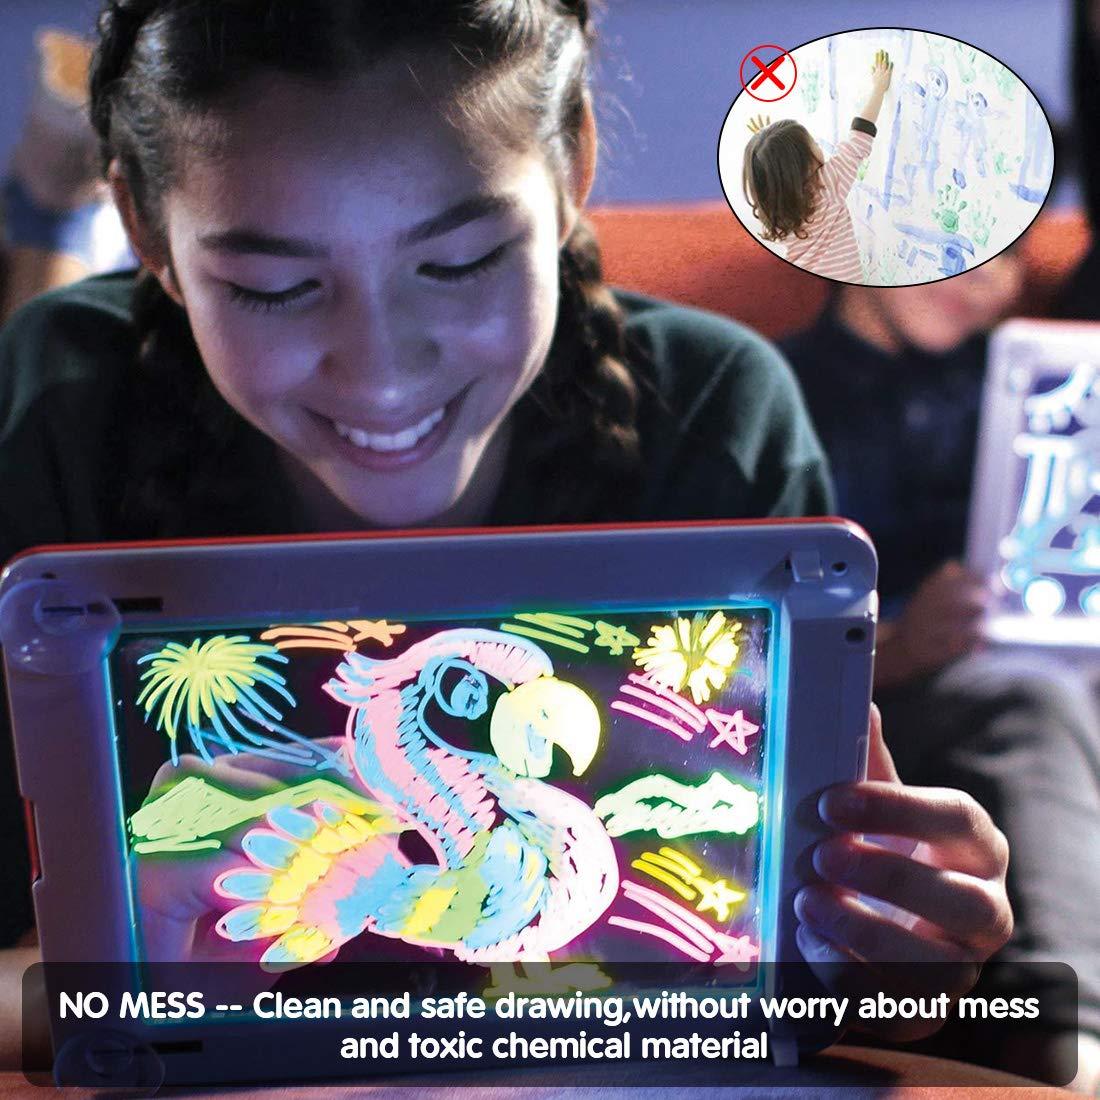 PHYLES Magic Pad Maltafel Zaubertafel Zeichnen mit leichtem Spielzeug für Kinder,Lernspielzeug und Geschenke, Zaubermaltafel Zeichenbrett Enthält 10 Schablonen, 4 Zeichenstifte,1 Reinigungstuch(Rosa)